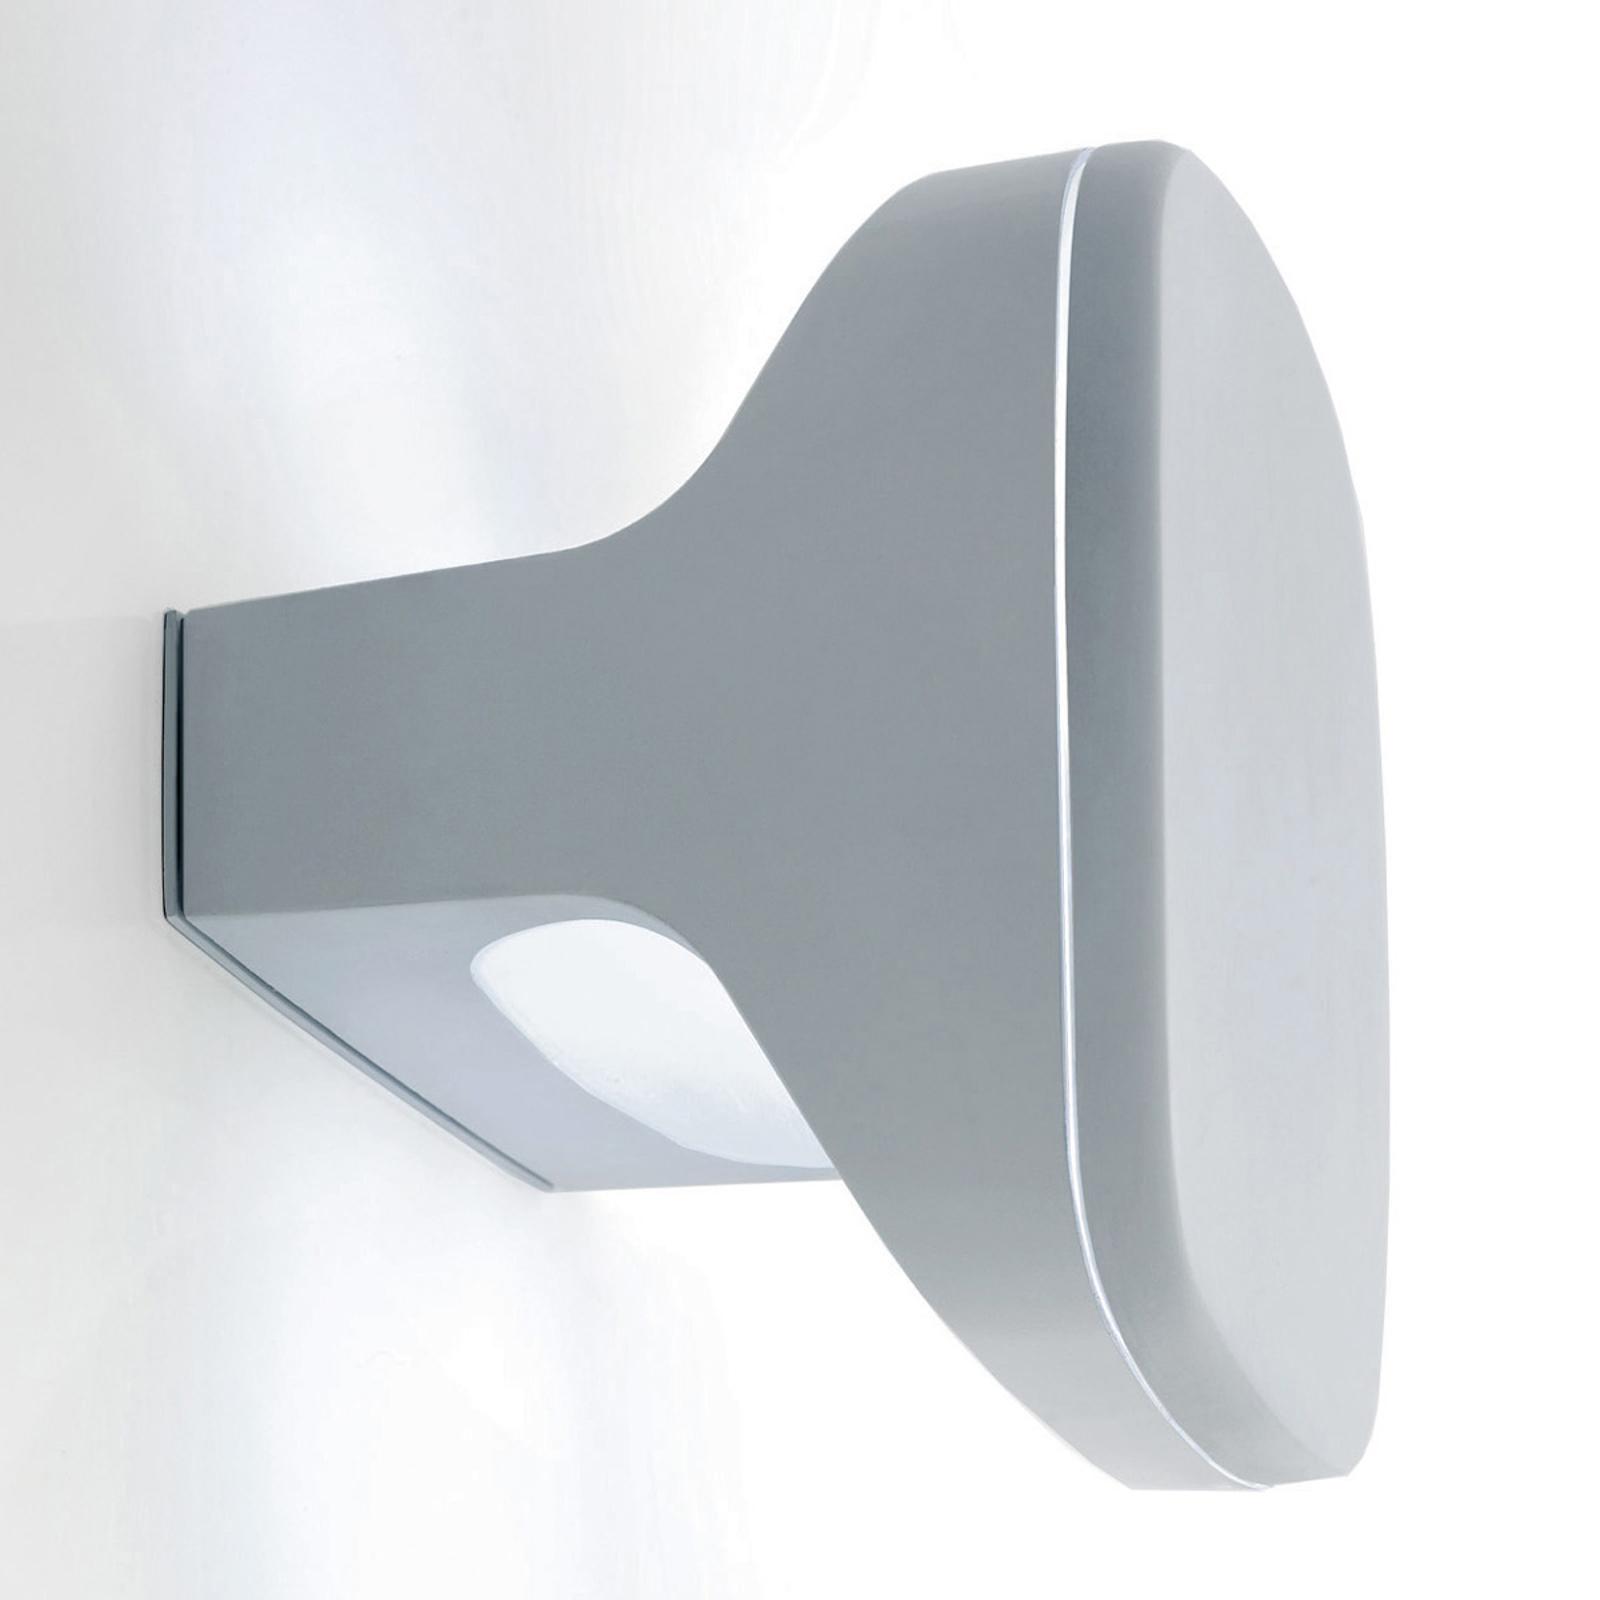 Huippumoderni Sky-LED-ulkoseinälamppu, alumiini